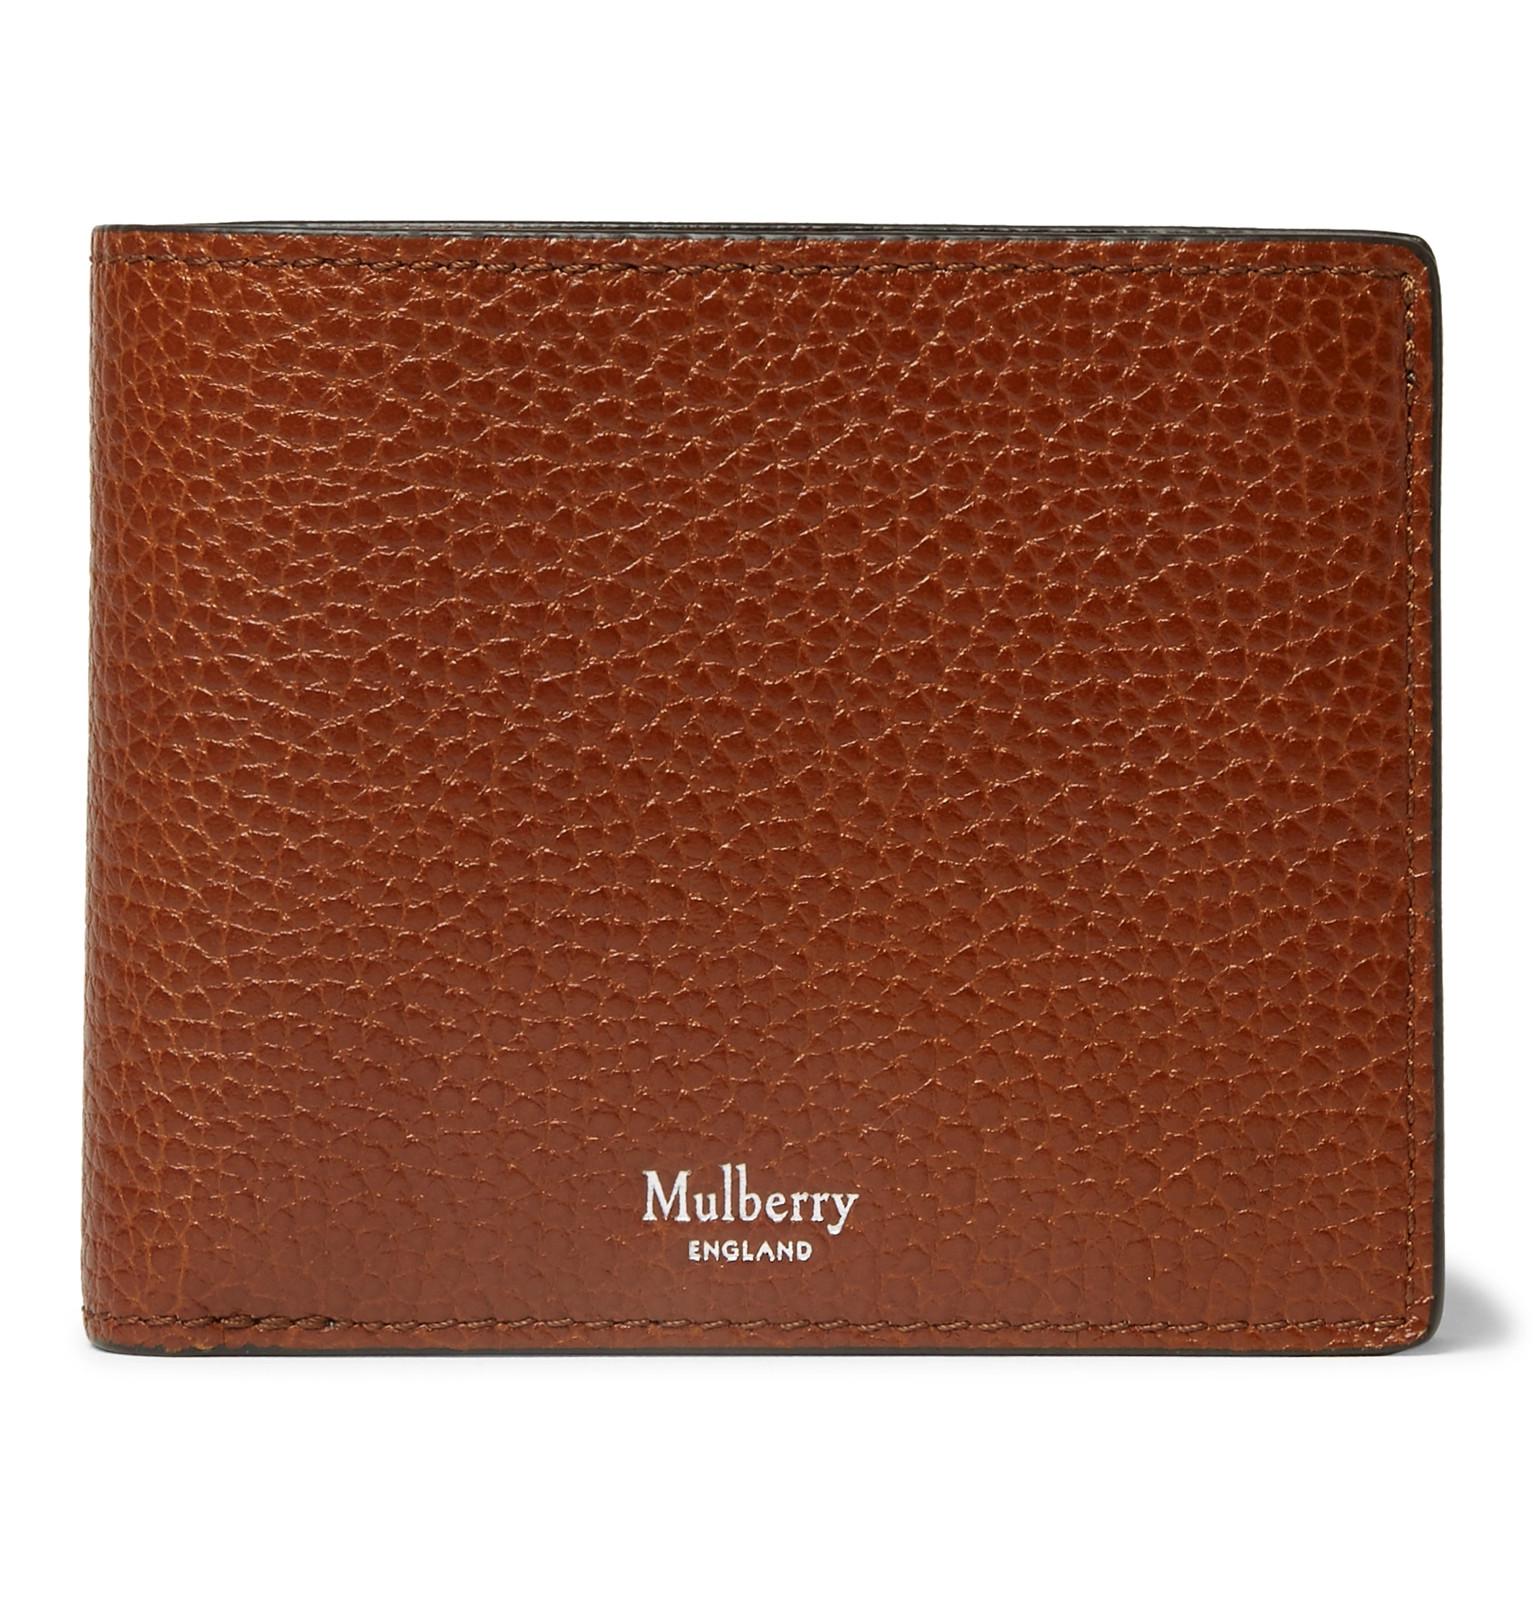 ed245cb9e8 Mulberry - Full-Grain Leather Billfold Wallet